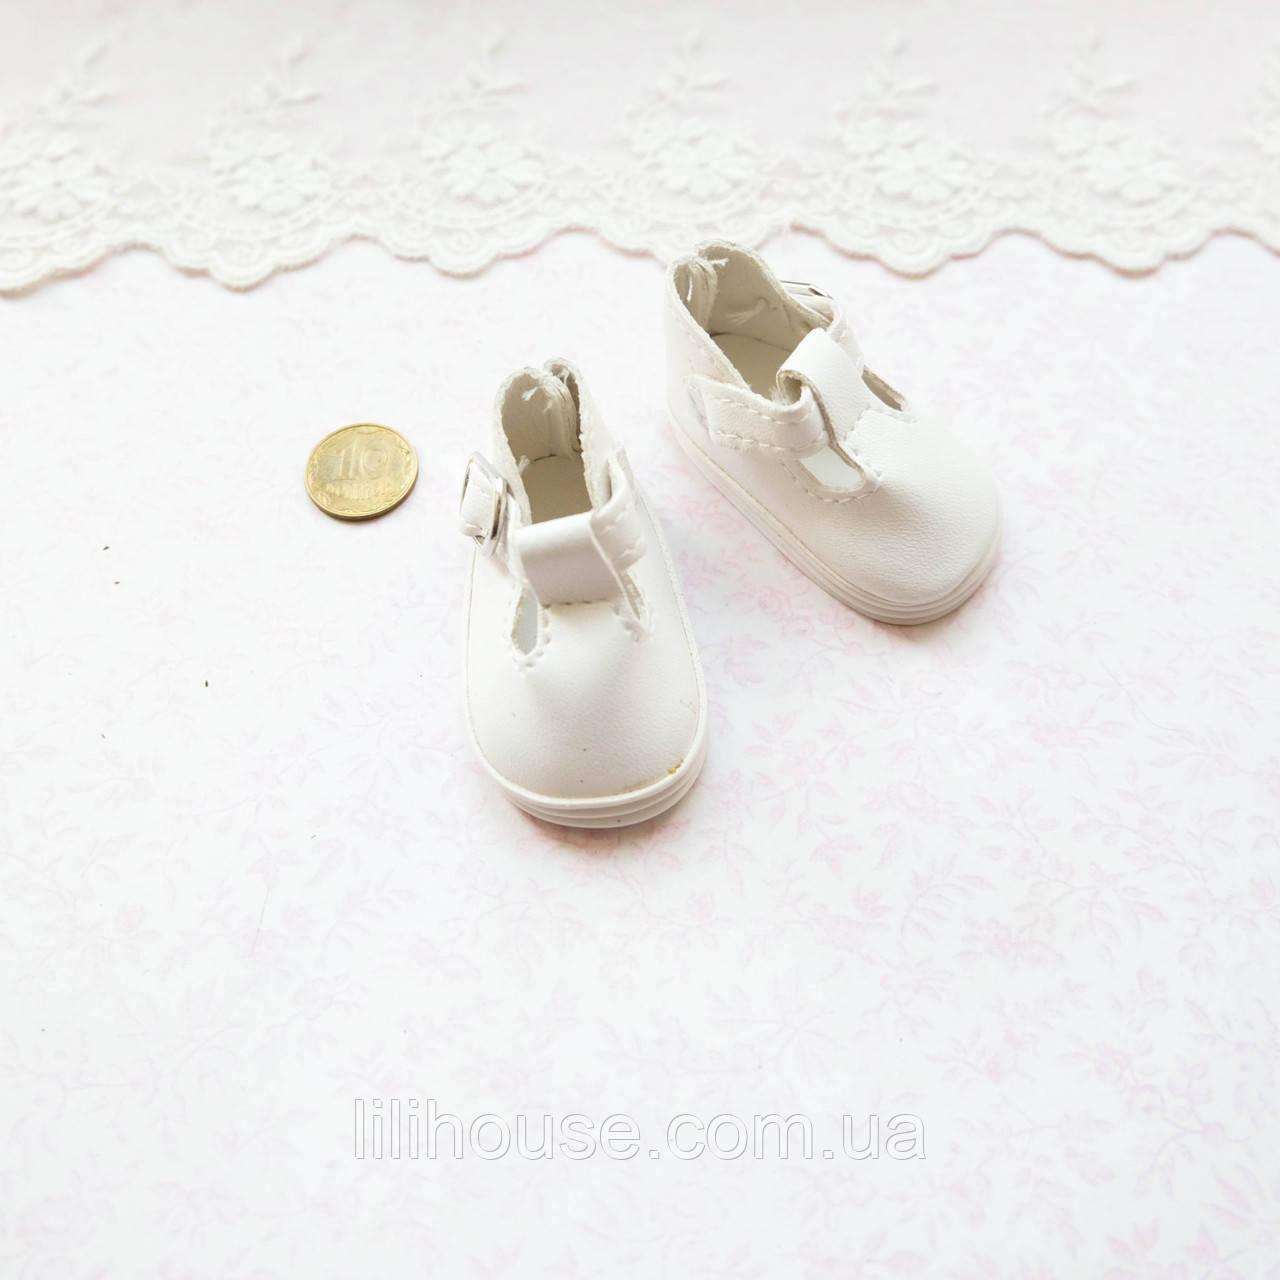 Обувь для кукол Туфли с Ремешком Округлые 5*2.8 см БЕЛЫЕ